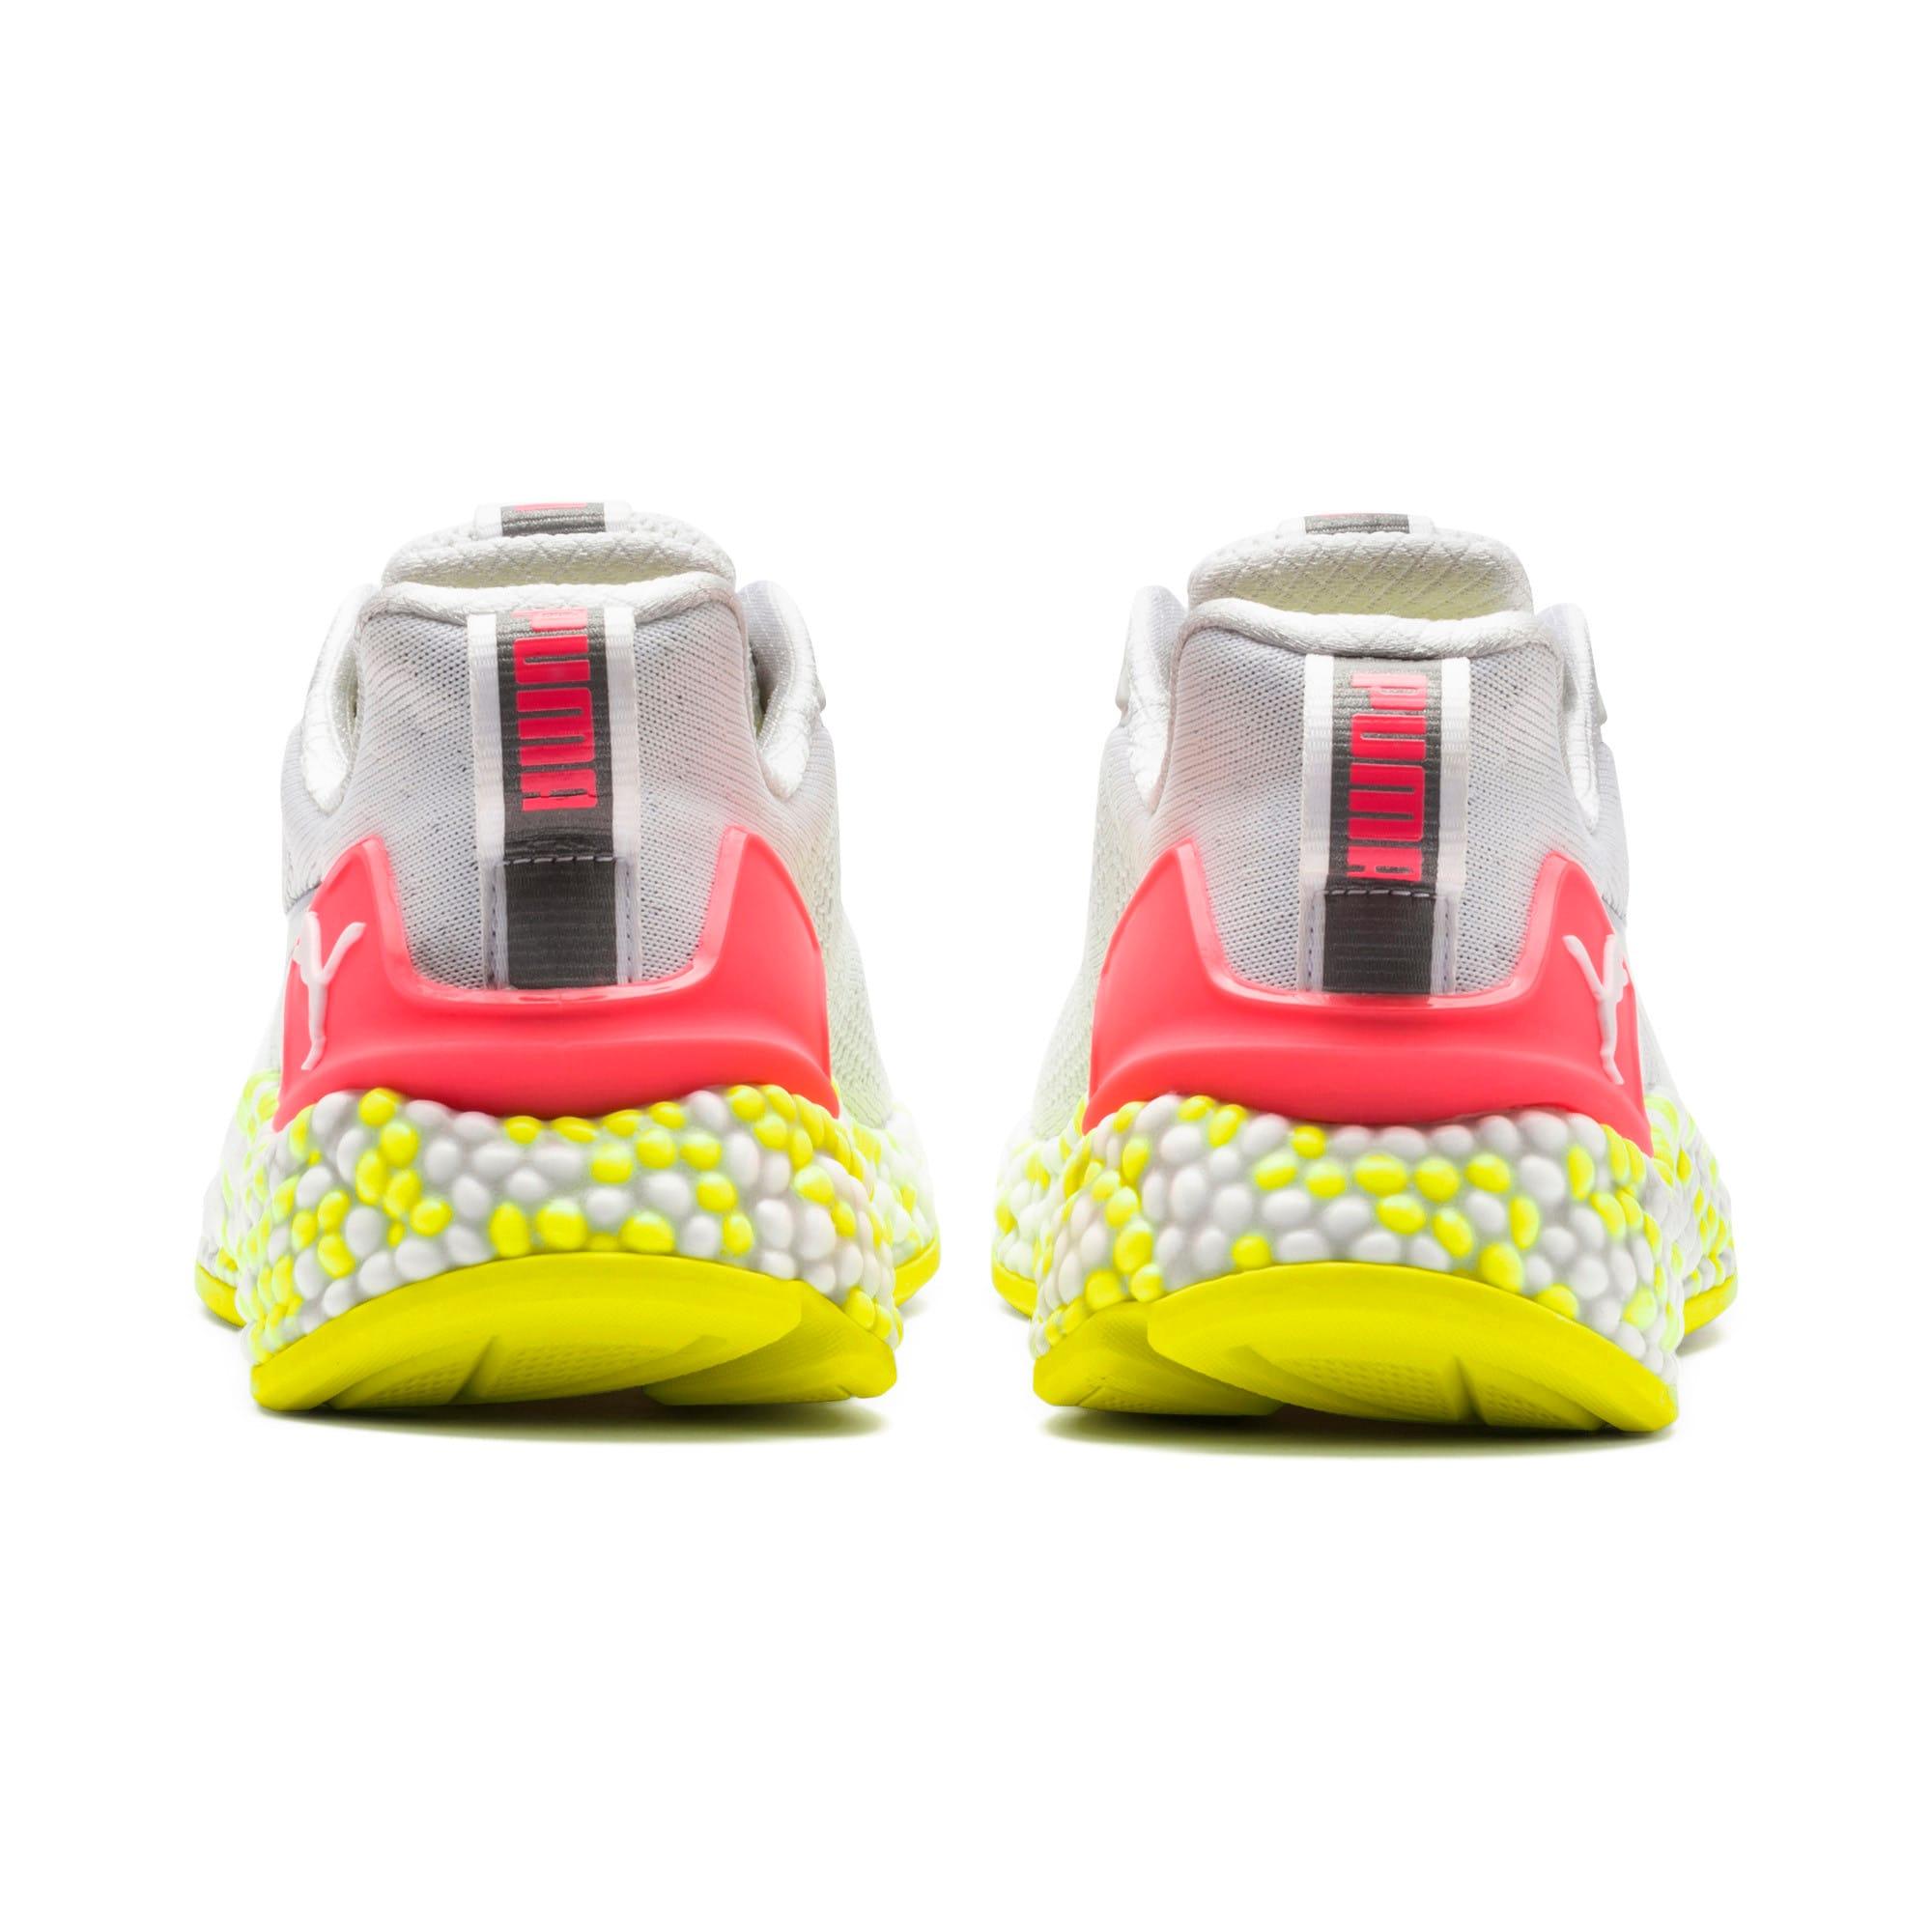 Thumbnail 4 of SPEED Orbiter Women's Running Shoes, Puma White-Yellow Alert, medium